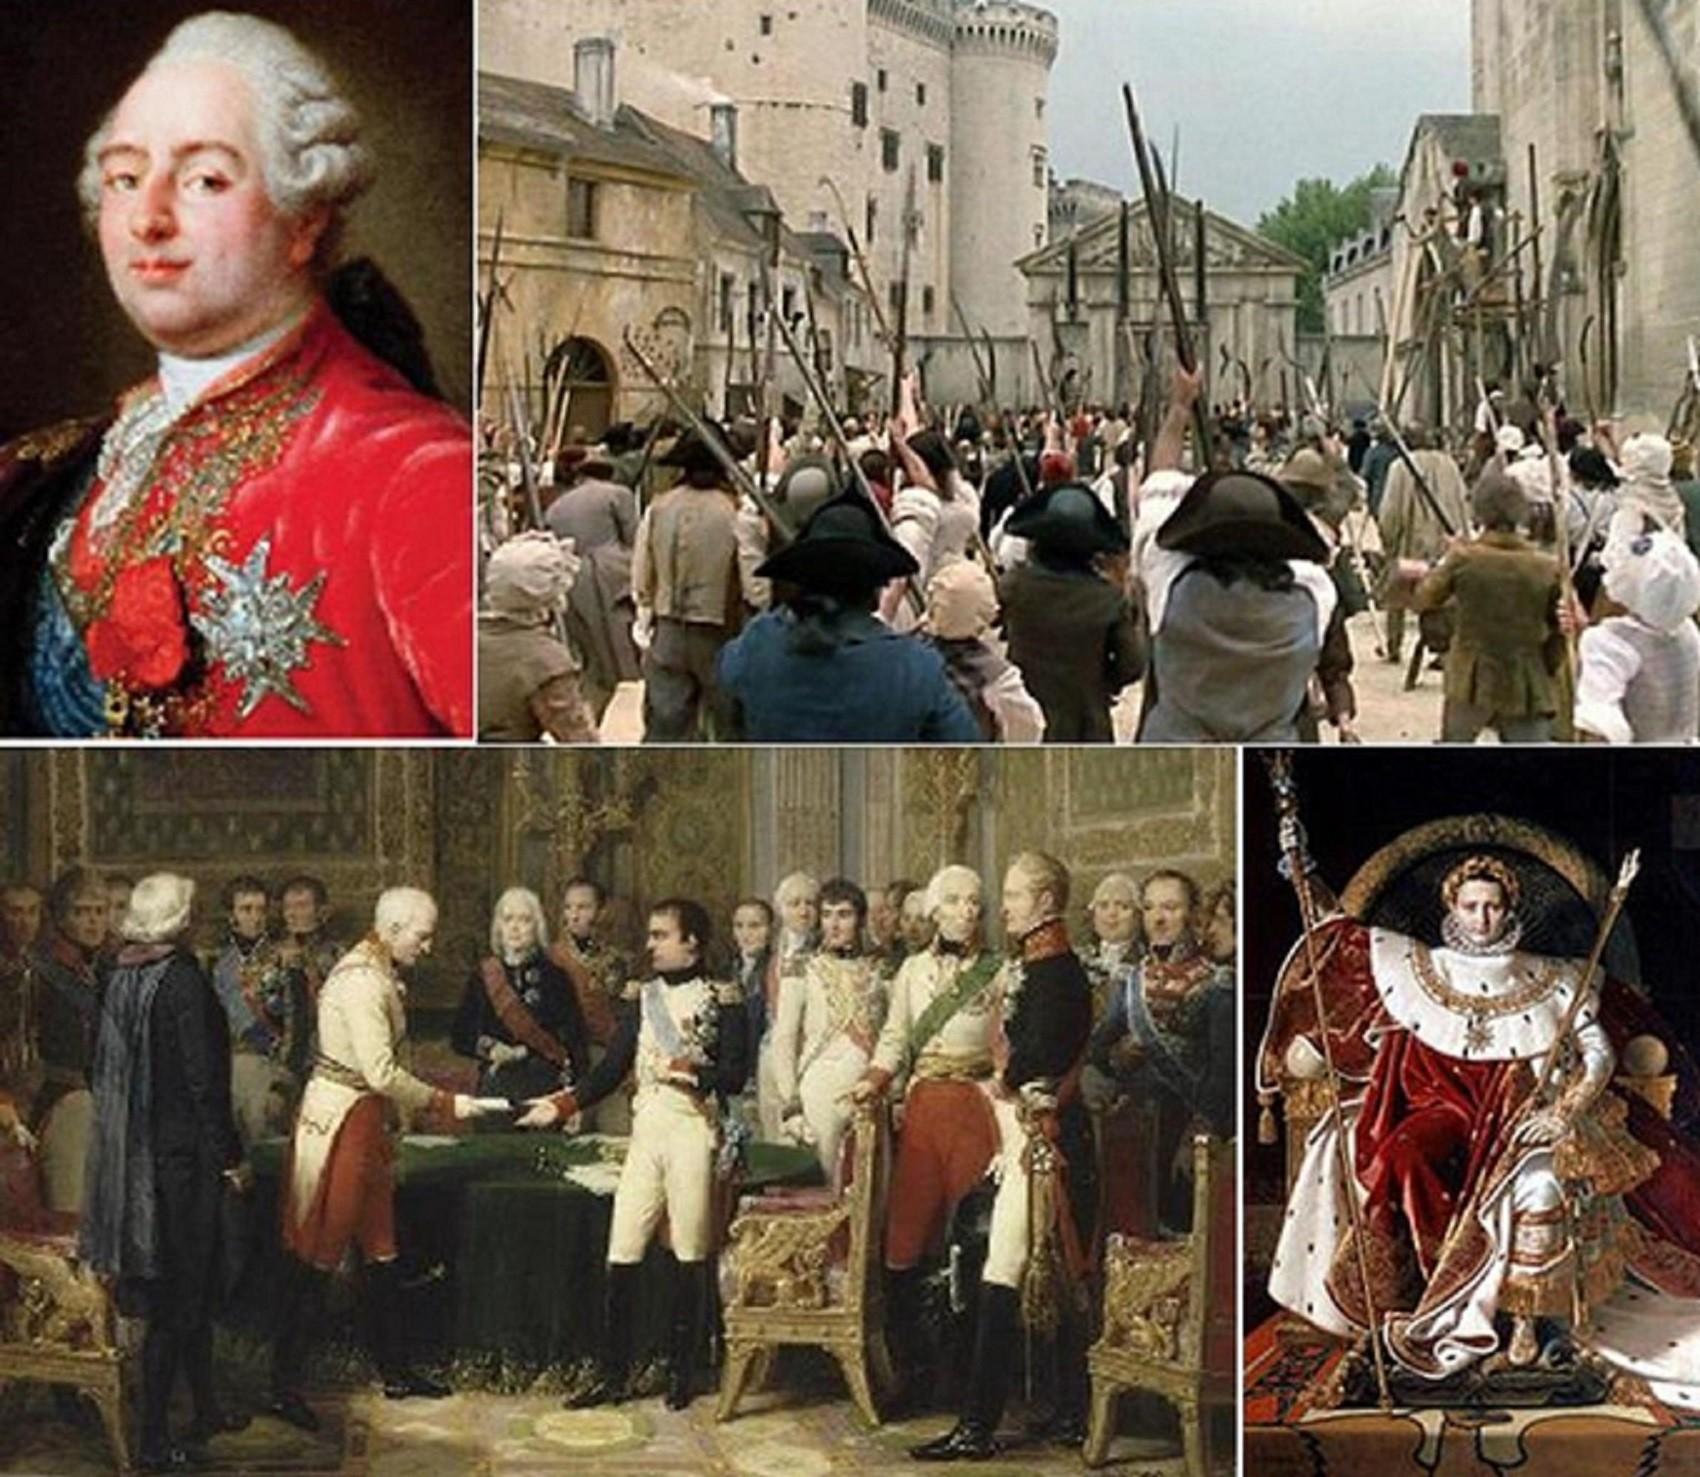 Quelques « chefs » militaires de différentes époques de l'histoire – de la Révolution à la fin du se